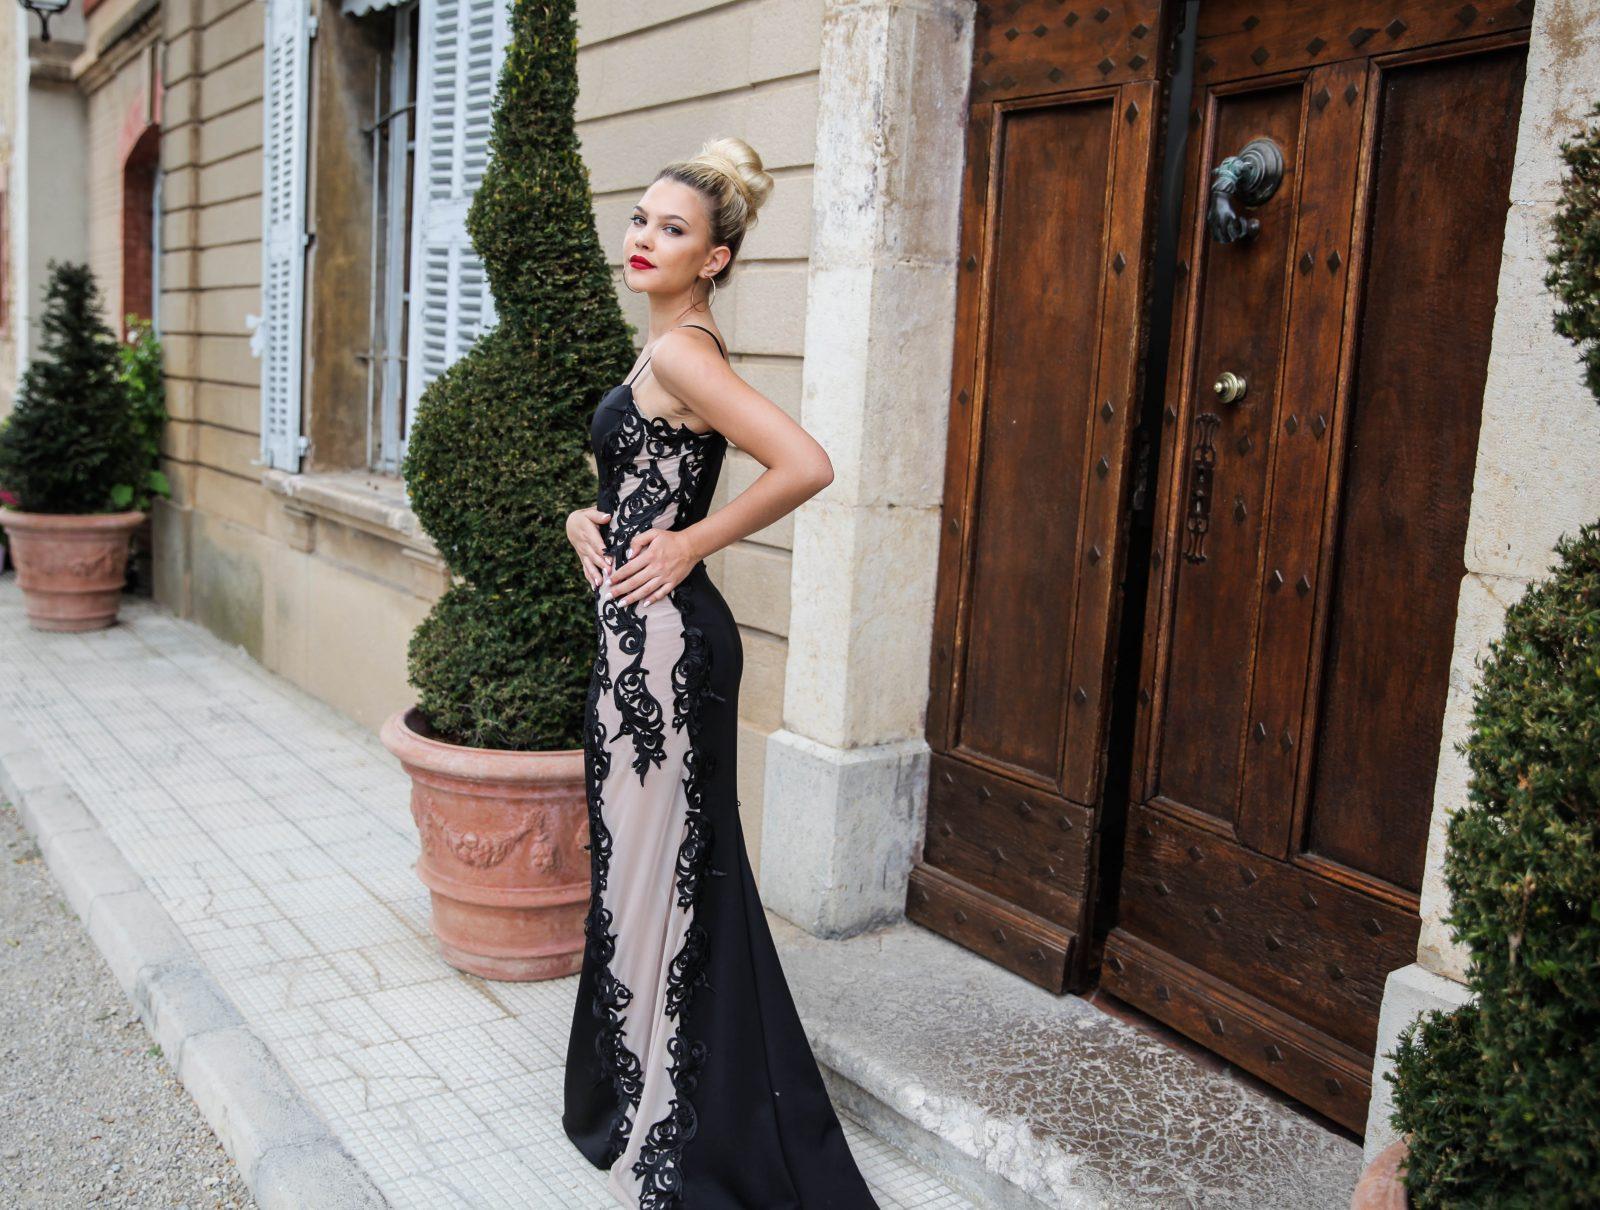 13 Luxurius Abendkleider Dresden Galerie15 Großartig Abendkleider Dresden Boutique